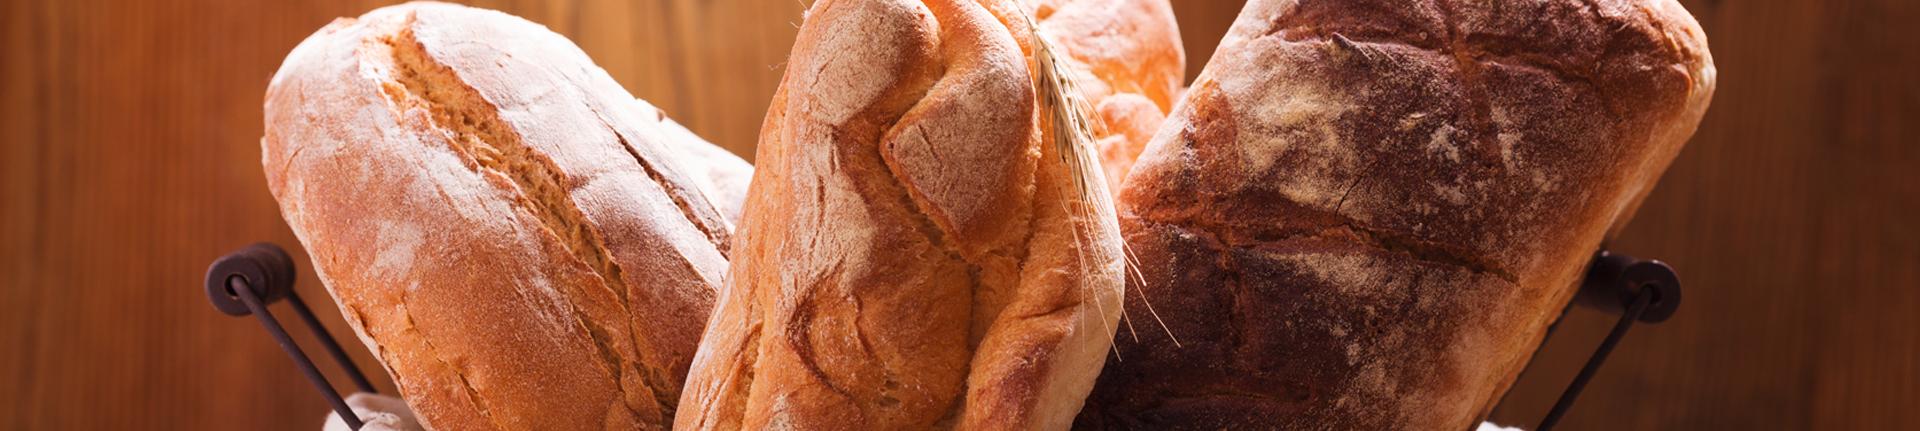 Pão caseiro sem lactose, para todos os gostos!